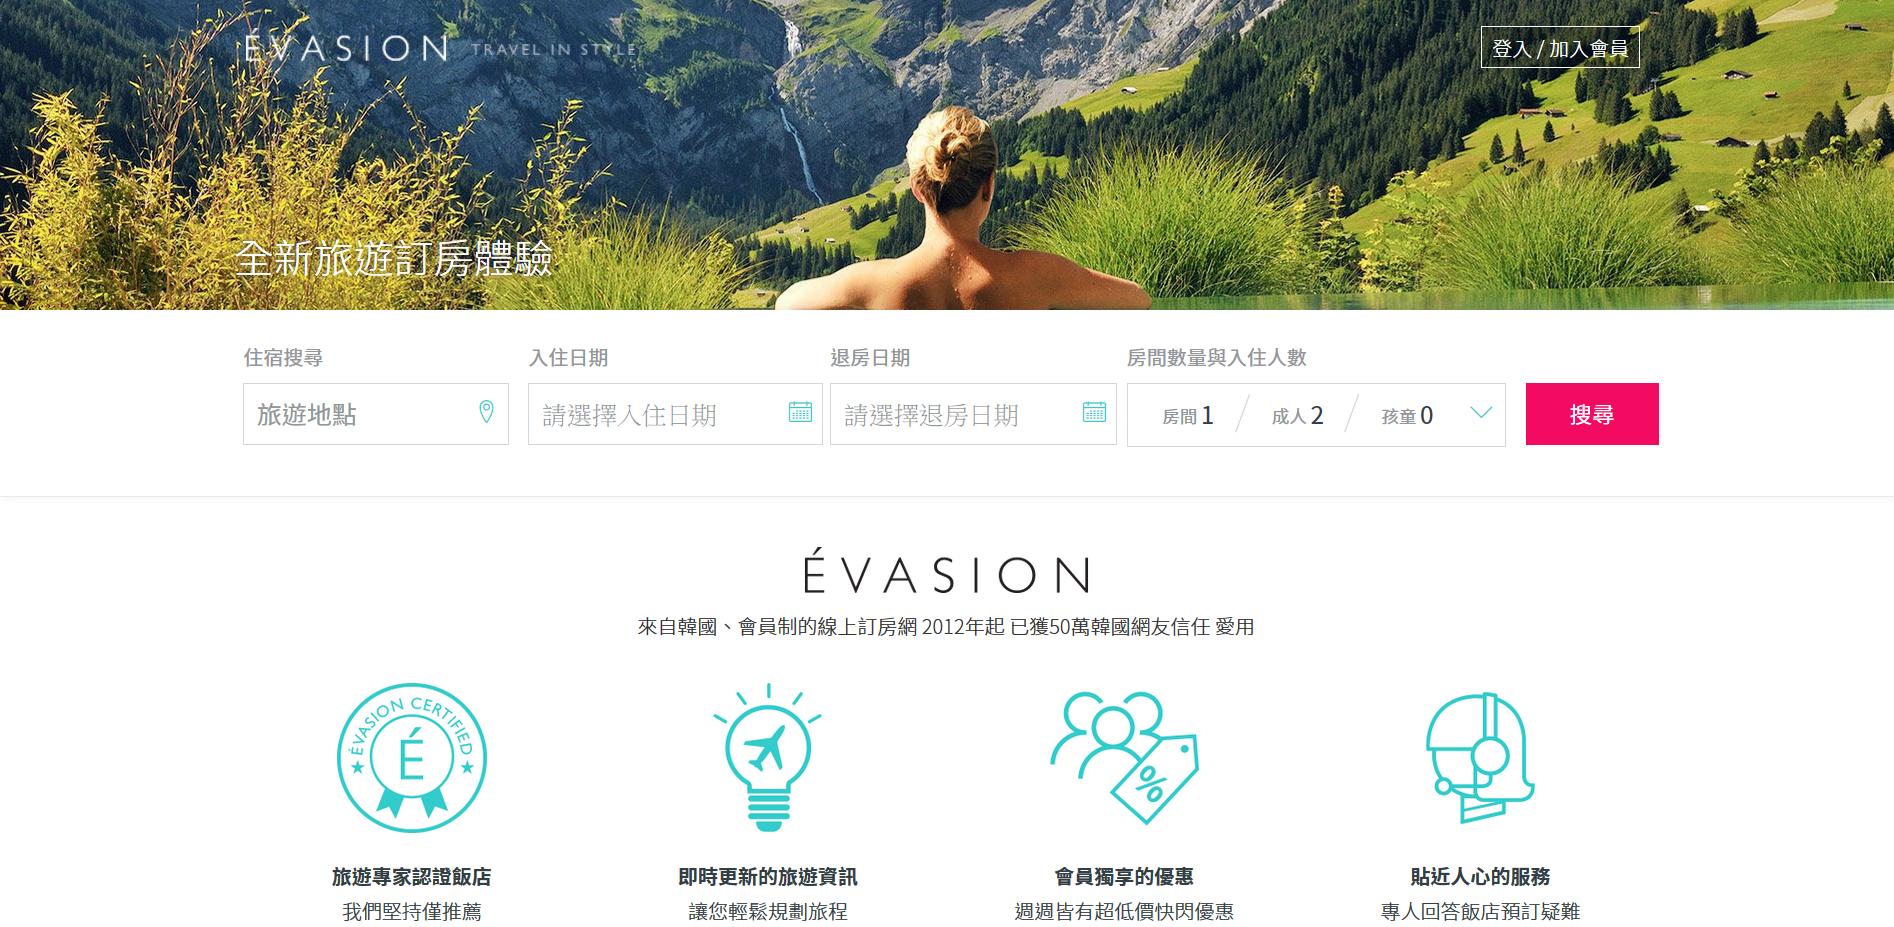 頂級度假訂房推薦|ÉVASION旅遊訂房 旅遊顧問為你的需求與品味量身規劃值得回憶的旅程